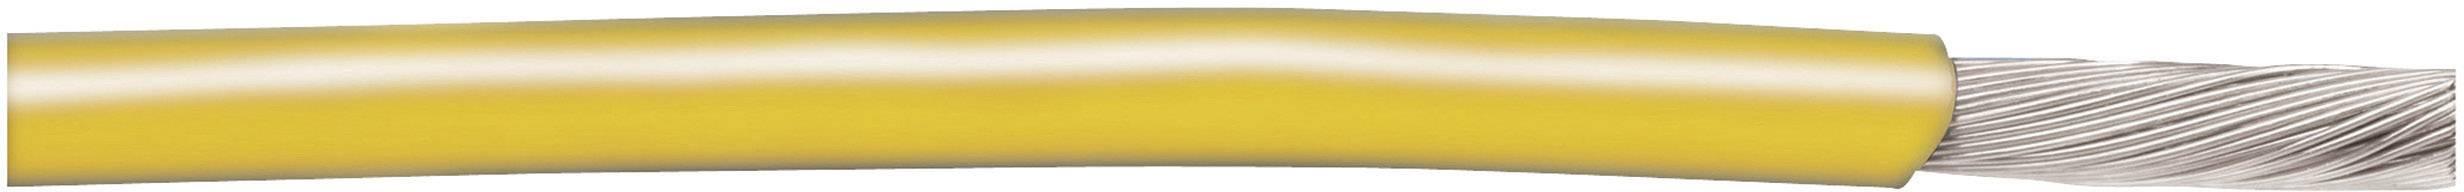 Opletenie / lanko AlphaWire 3051 GR001 1 x 0.32 mm², vonkajší Ø 1.57 mm, metrový tovar, zelená